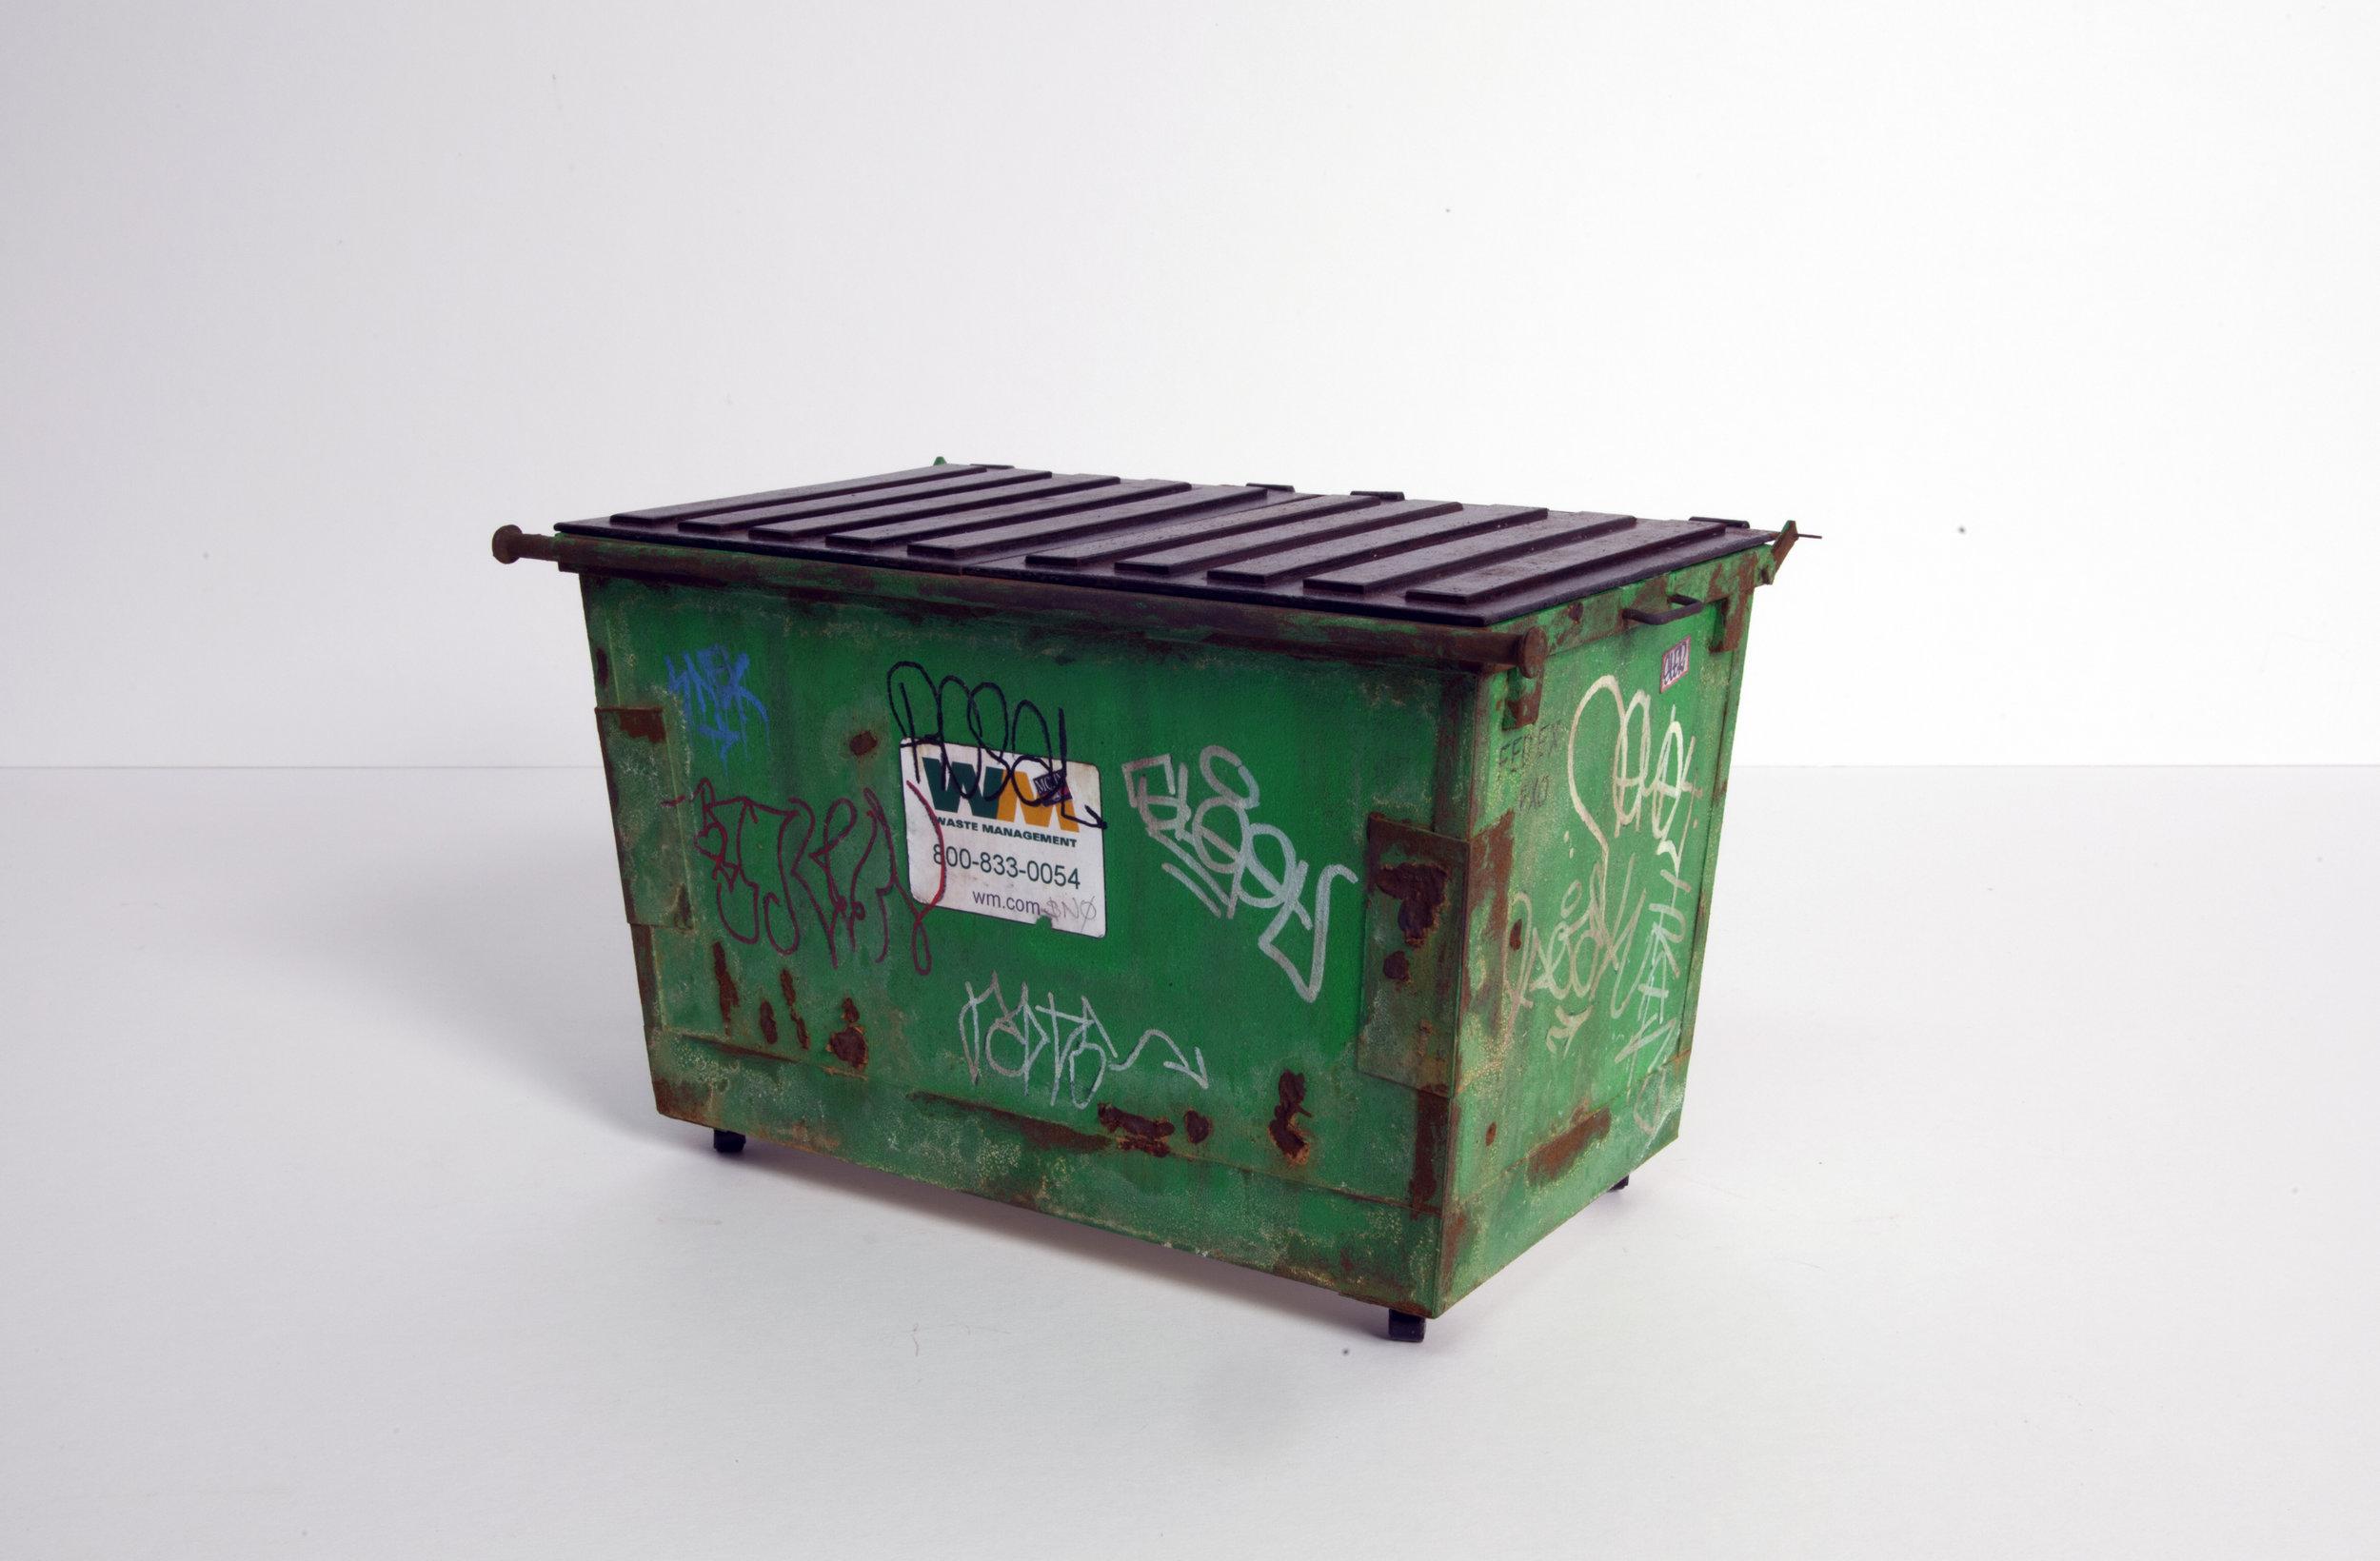 FedEx Dumpster - SOLD